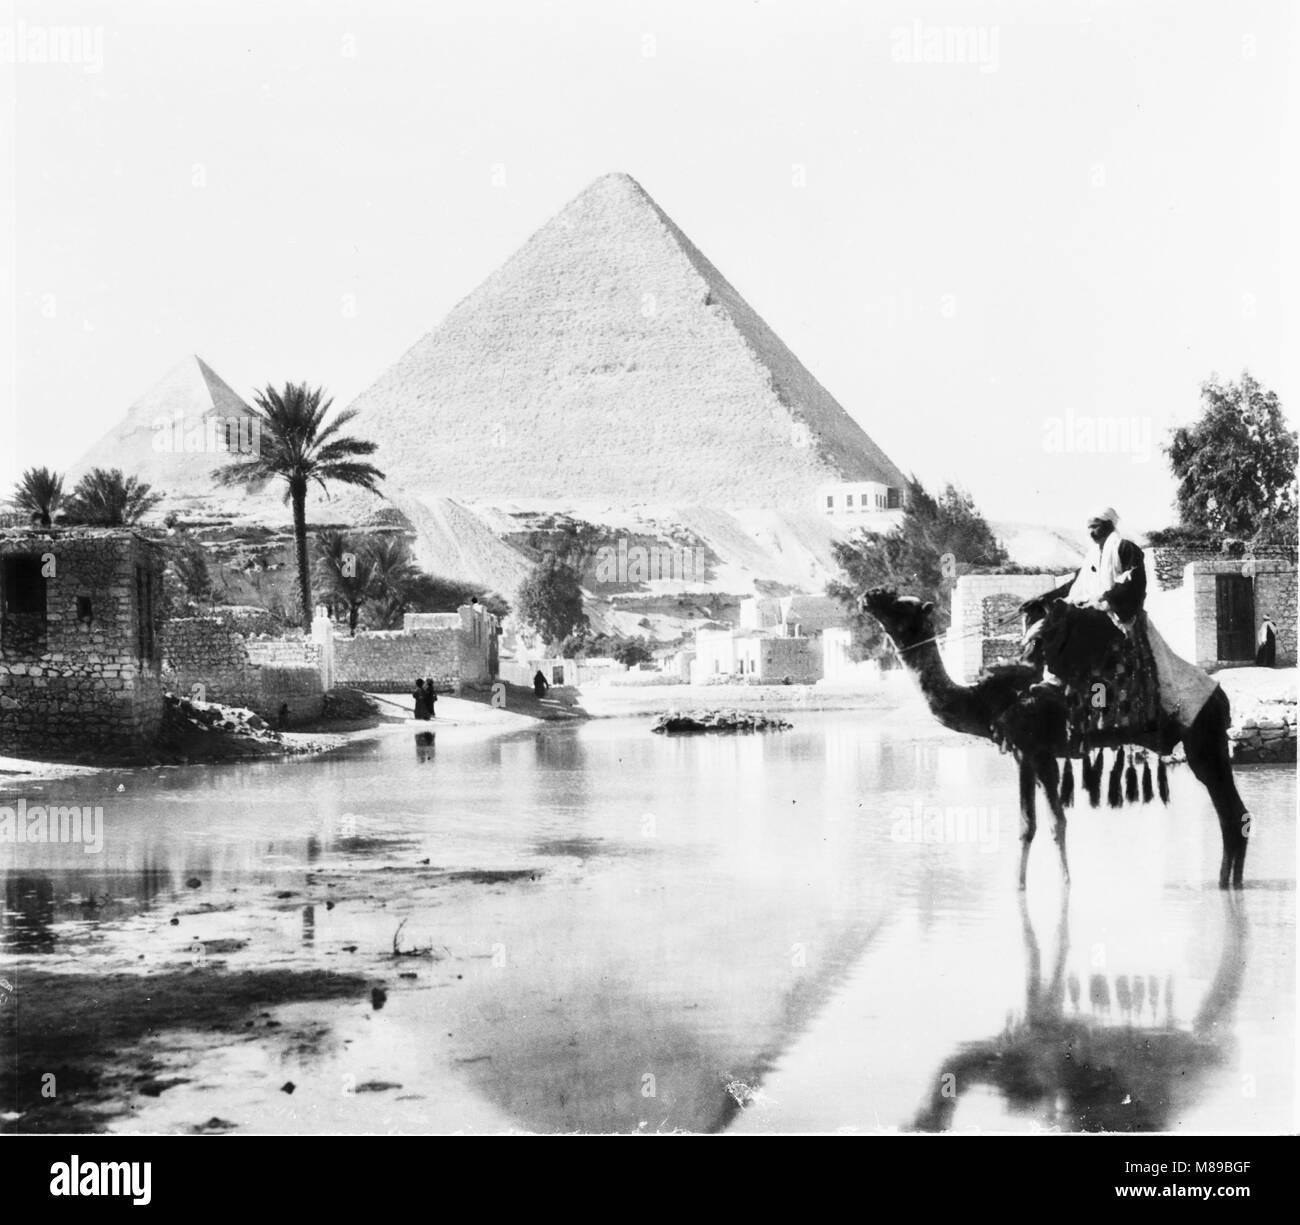 Pyramides de Gizeh, en Egypte, par Burton Holmes, 1906 Banque D'Images